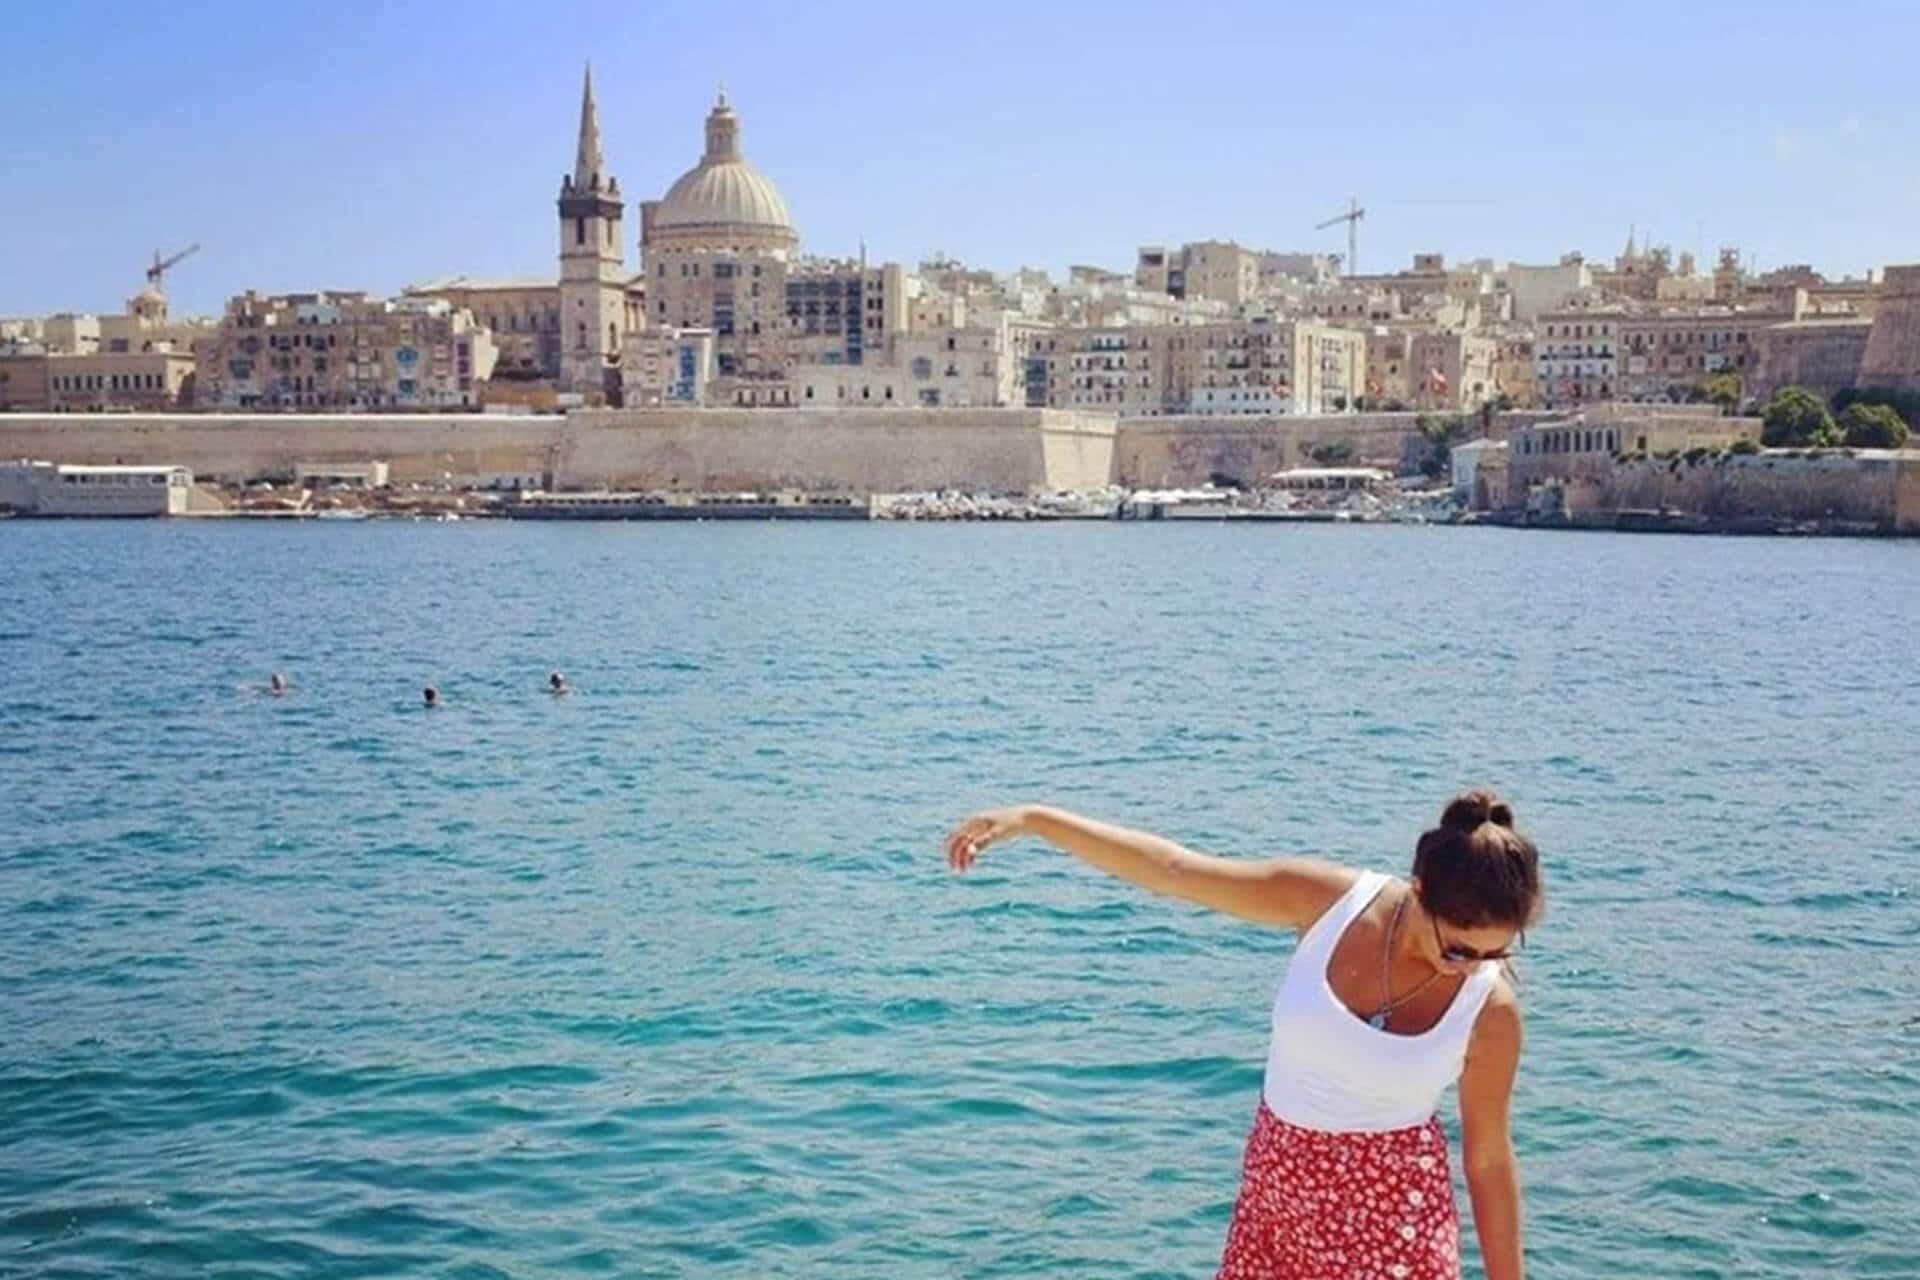 Comment j'ai trouvé ma colocation à Malte -Témoignage de Nathalie